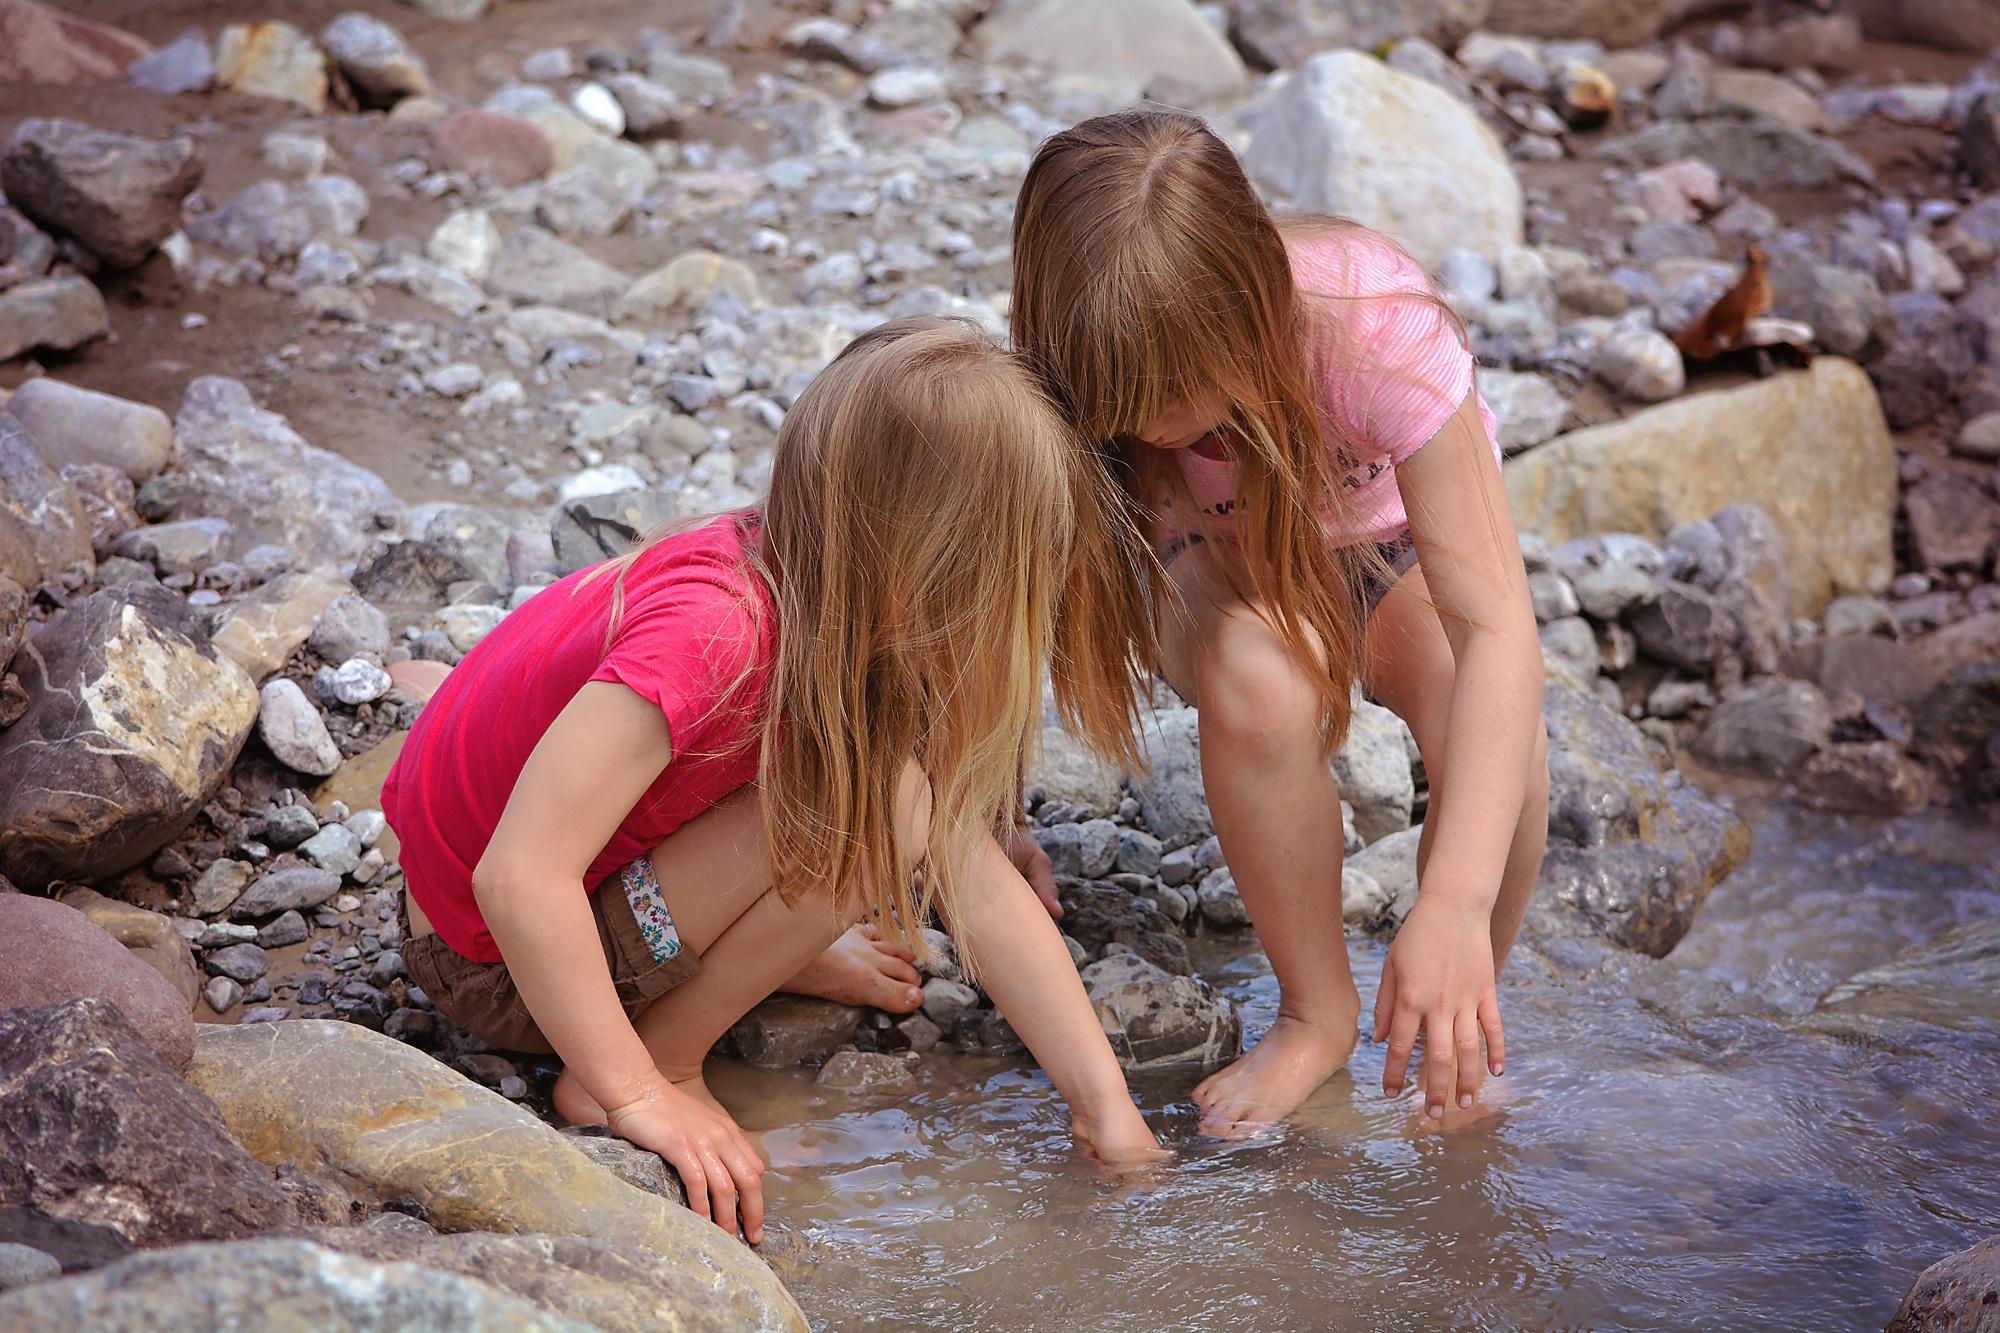 Голые Маленькие Девочки Тайком Трахаются Фото